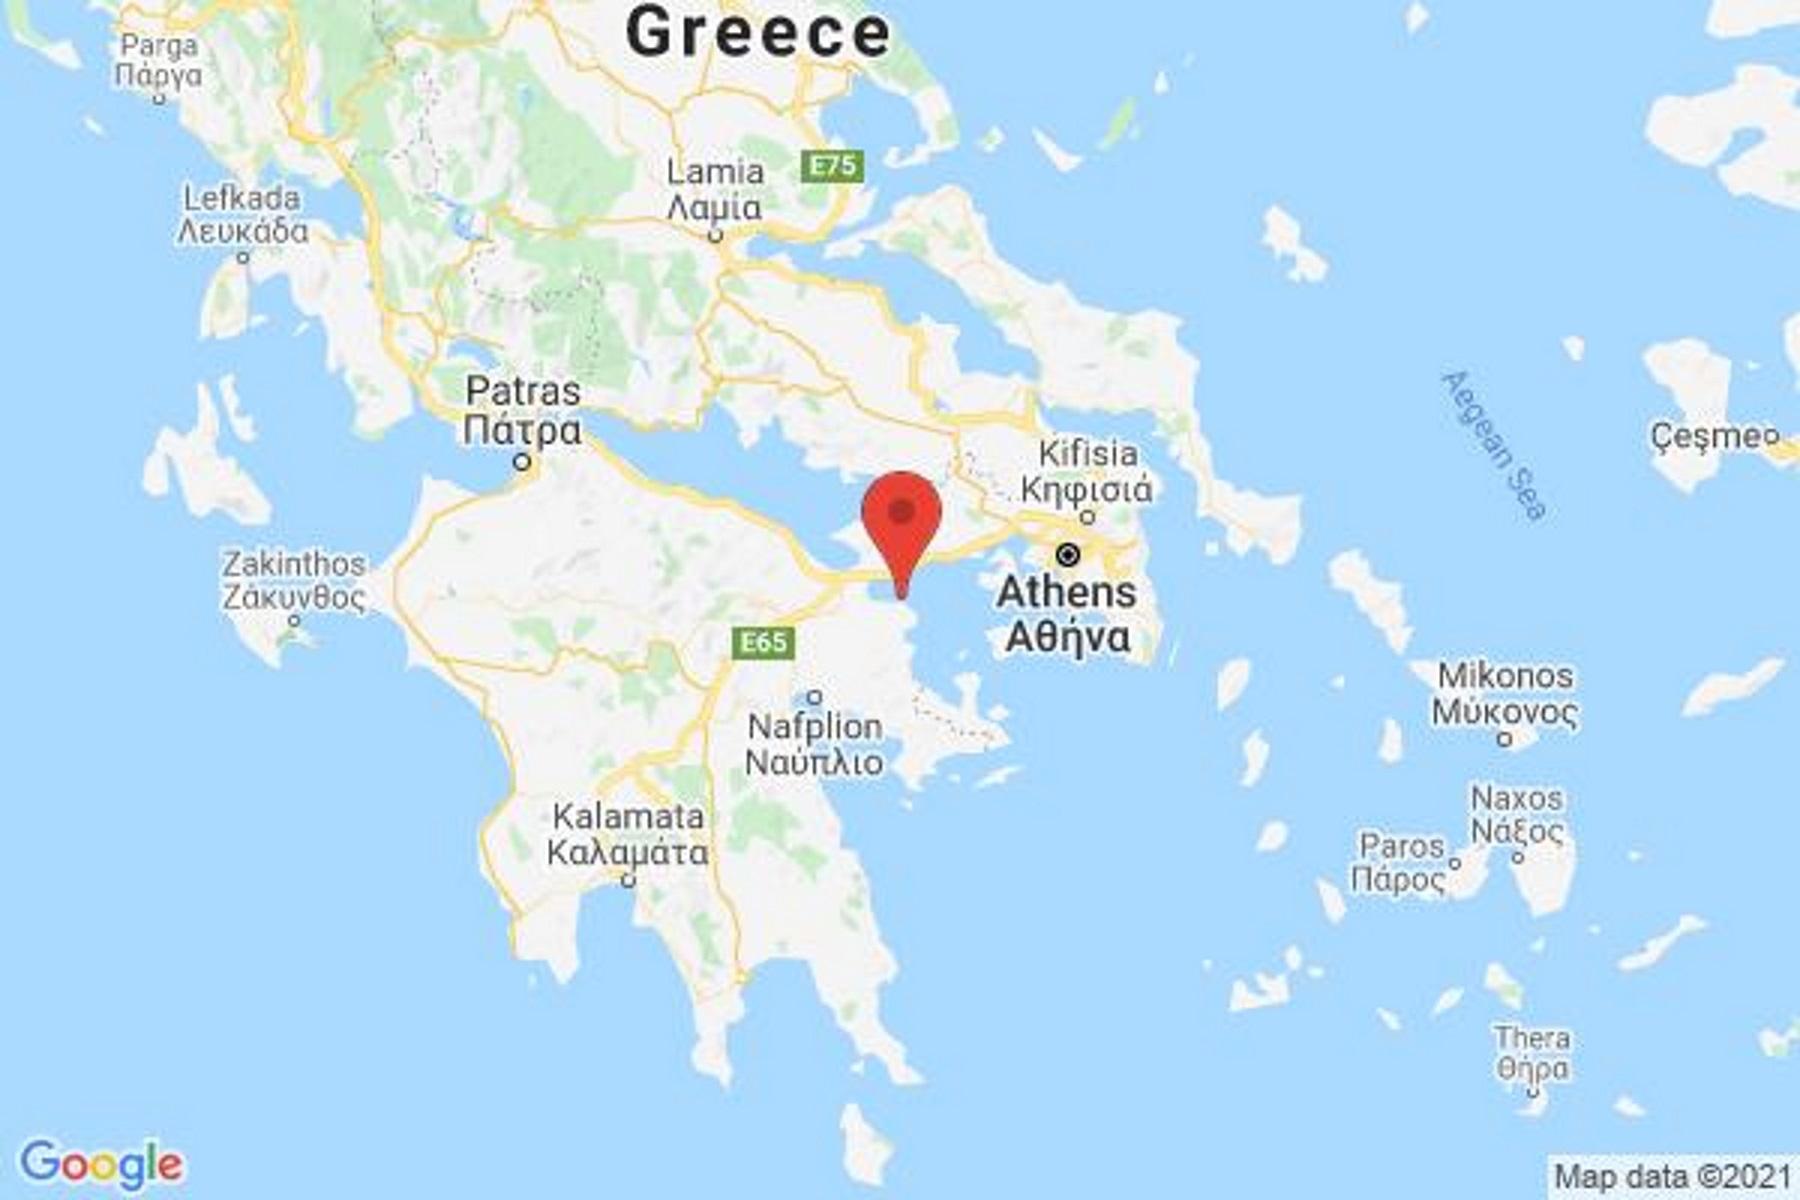 Σεισμός στην Κόρινθο: Έγιναν δύο μετασεισμοί